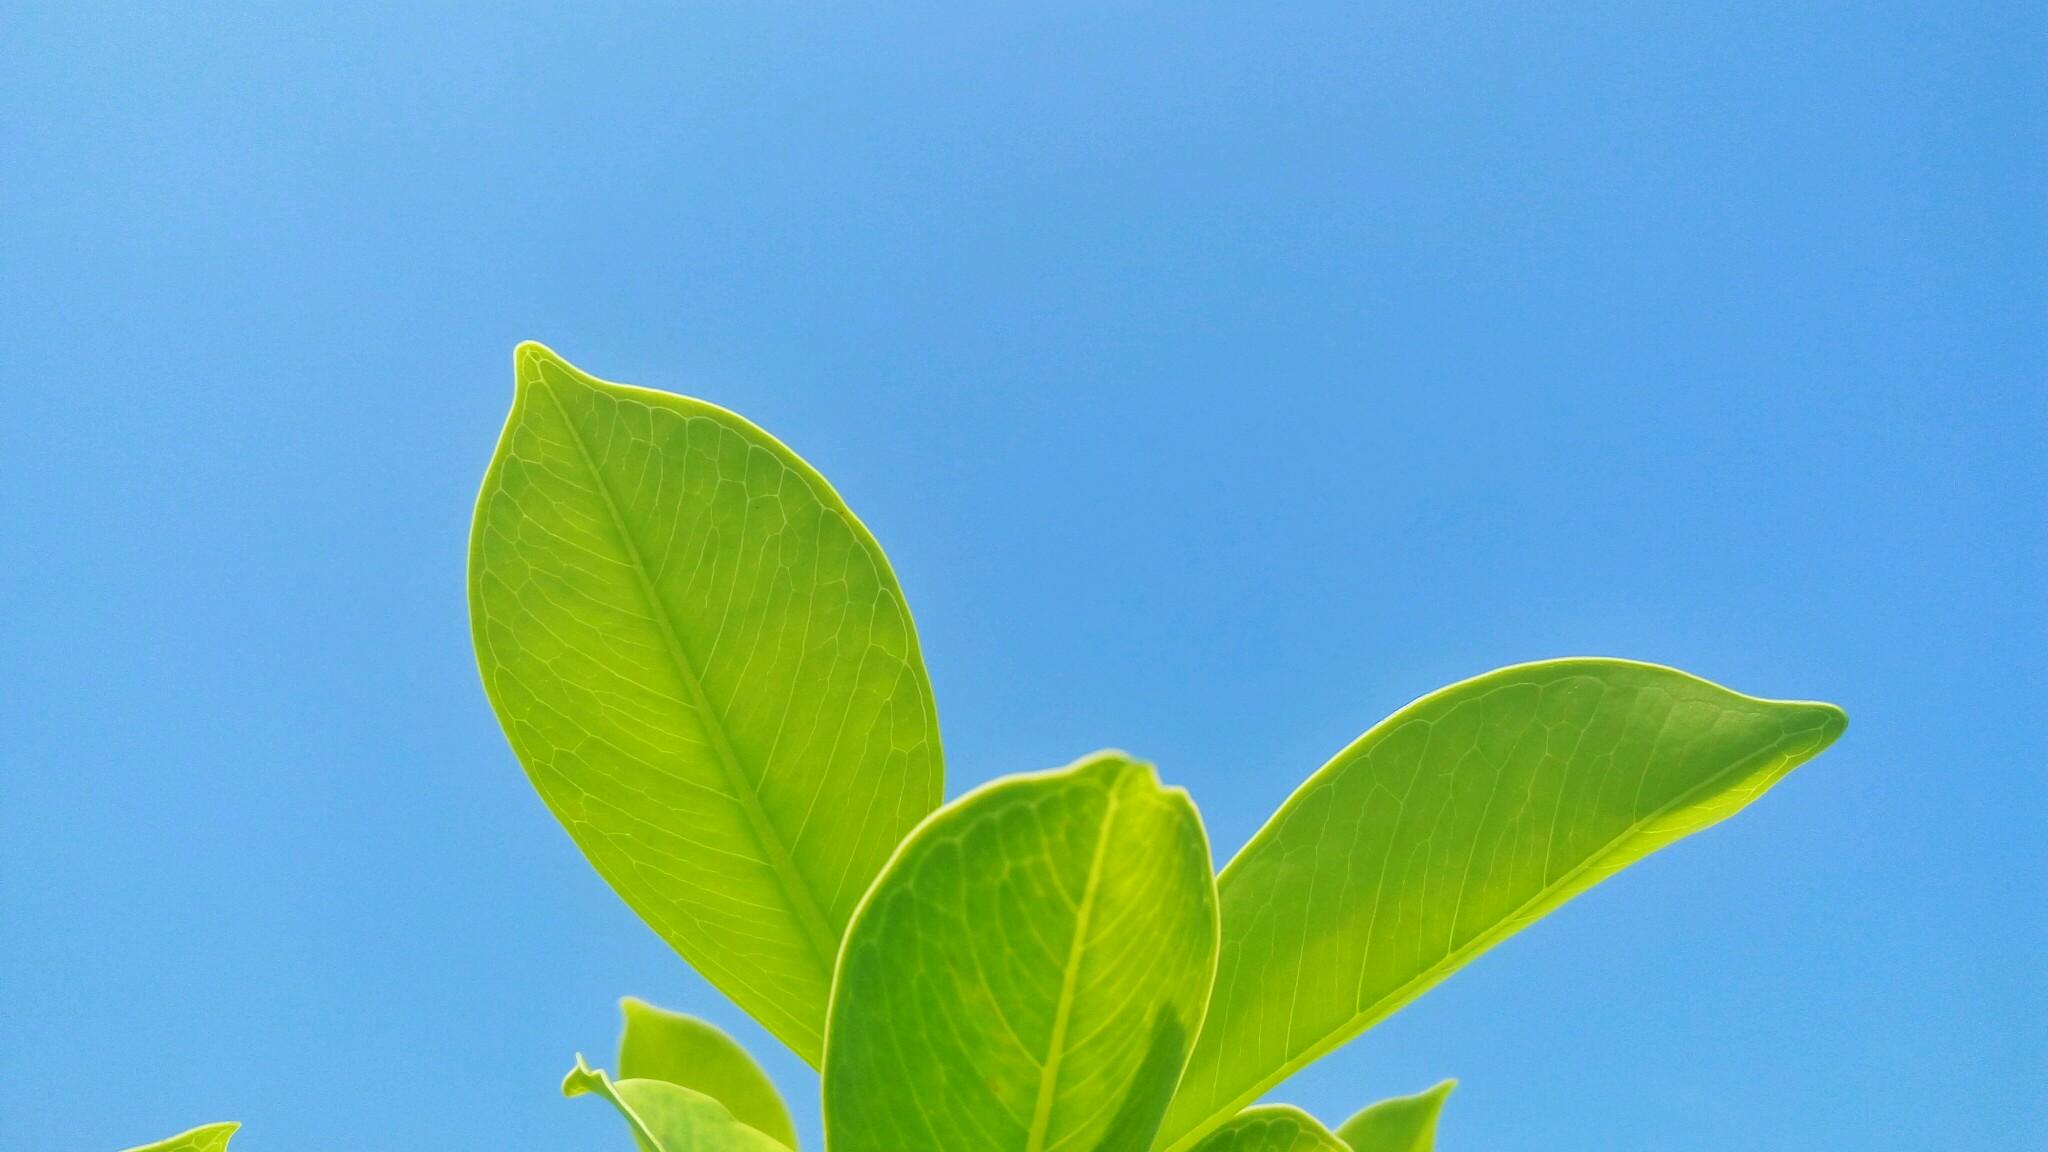 背景 壁纸 绿色 绿叶 树叶 植物 桌面 2048_1152